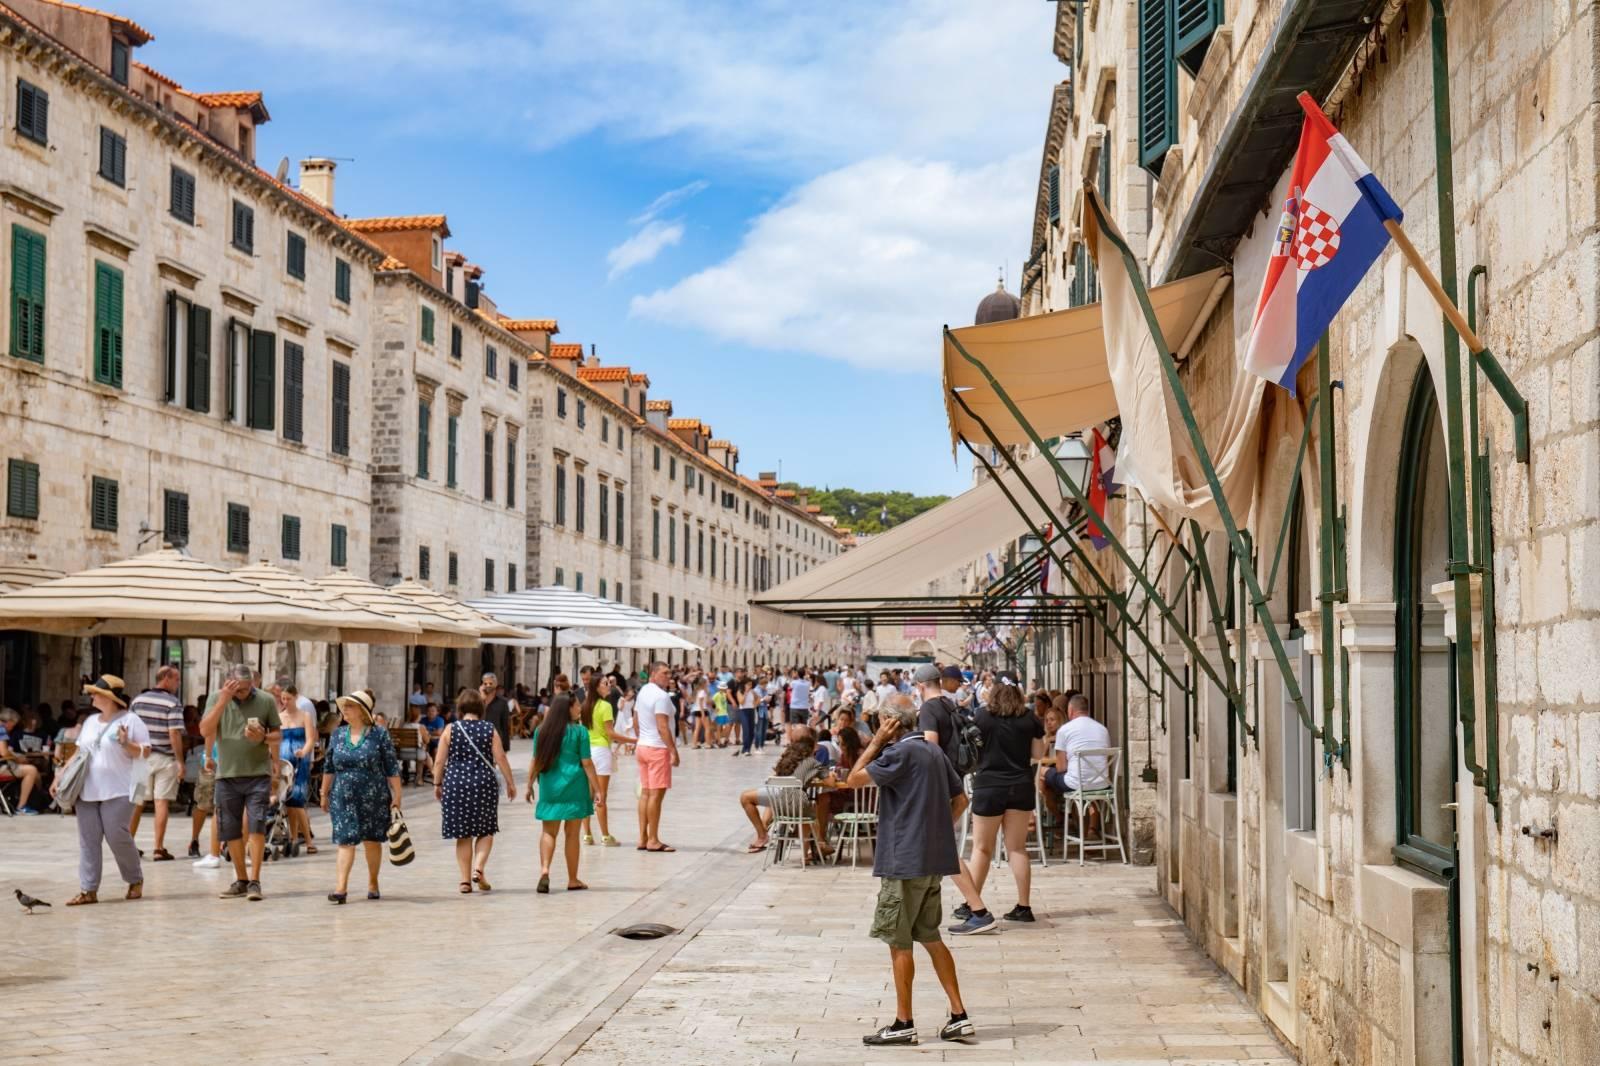 Dubrovnik: Na gradskim ulicama i zidinama izvješene zastave povodom obljetnice Oluje